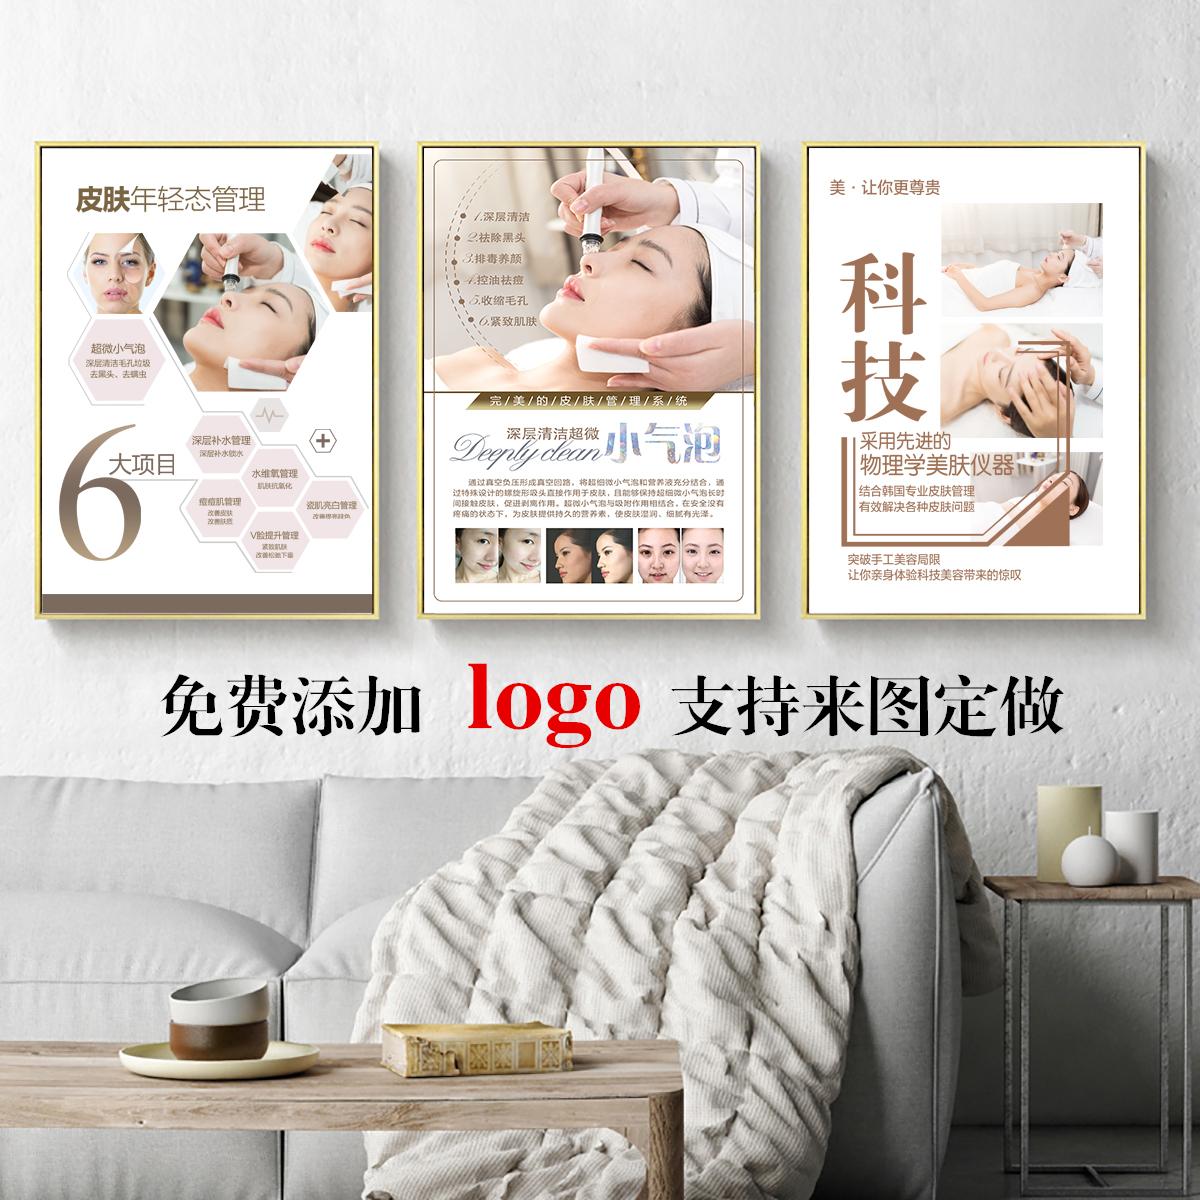 微整形海报皮肤管理中心墙壁画美容院装饰画医疗美容机构宣传广告